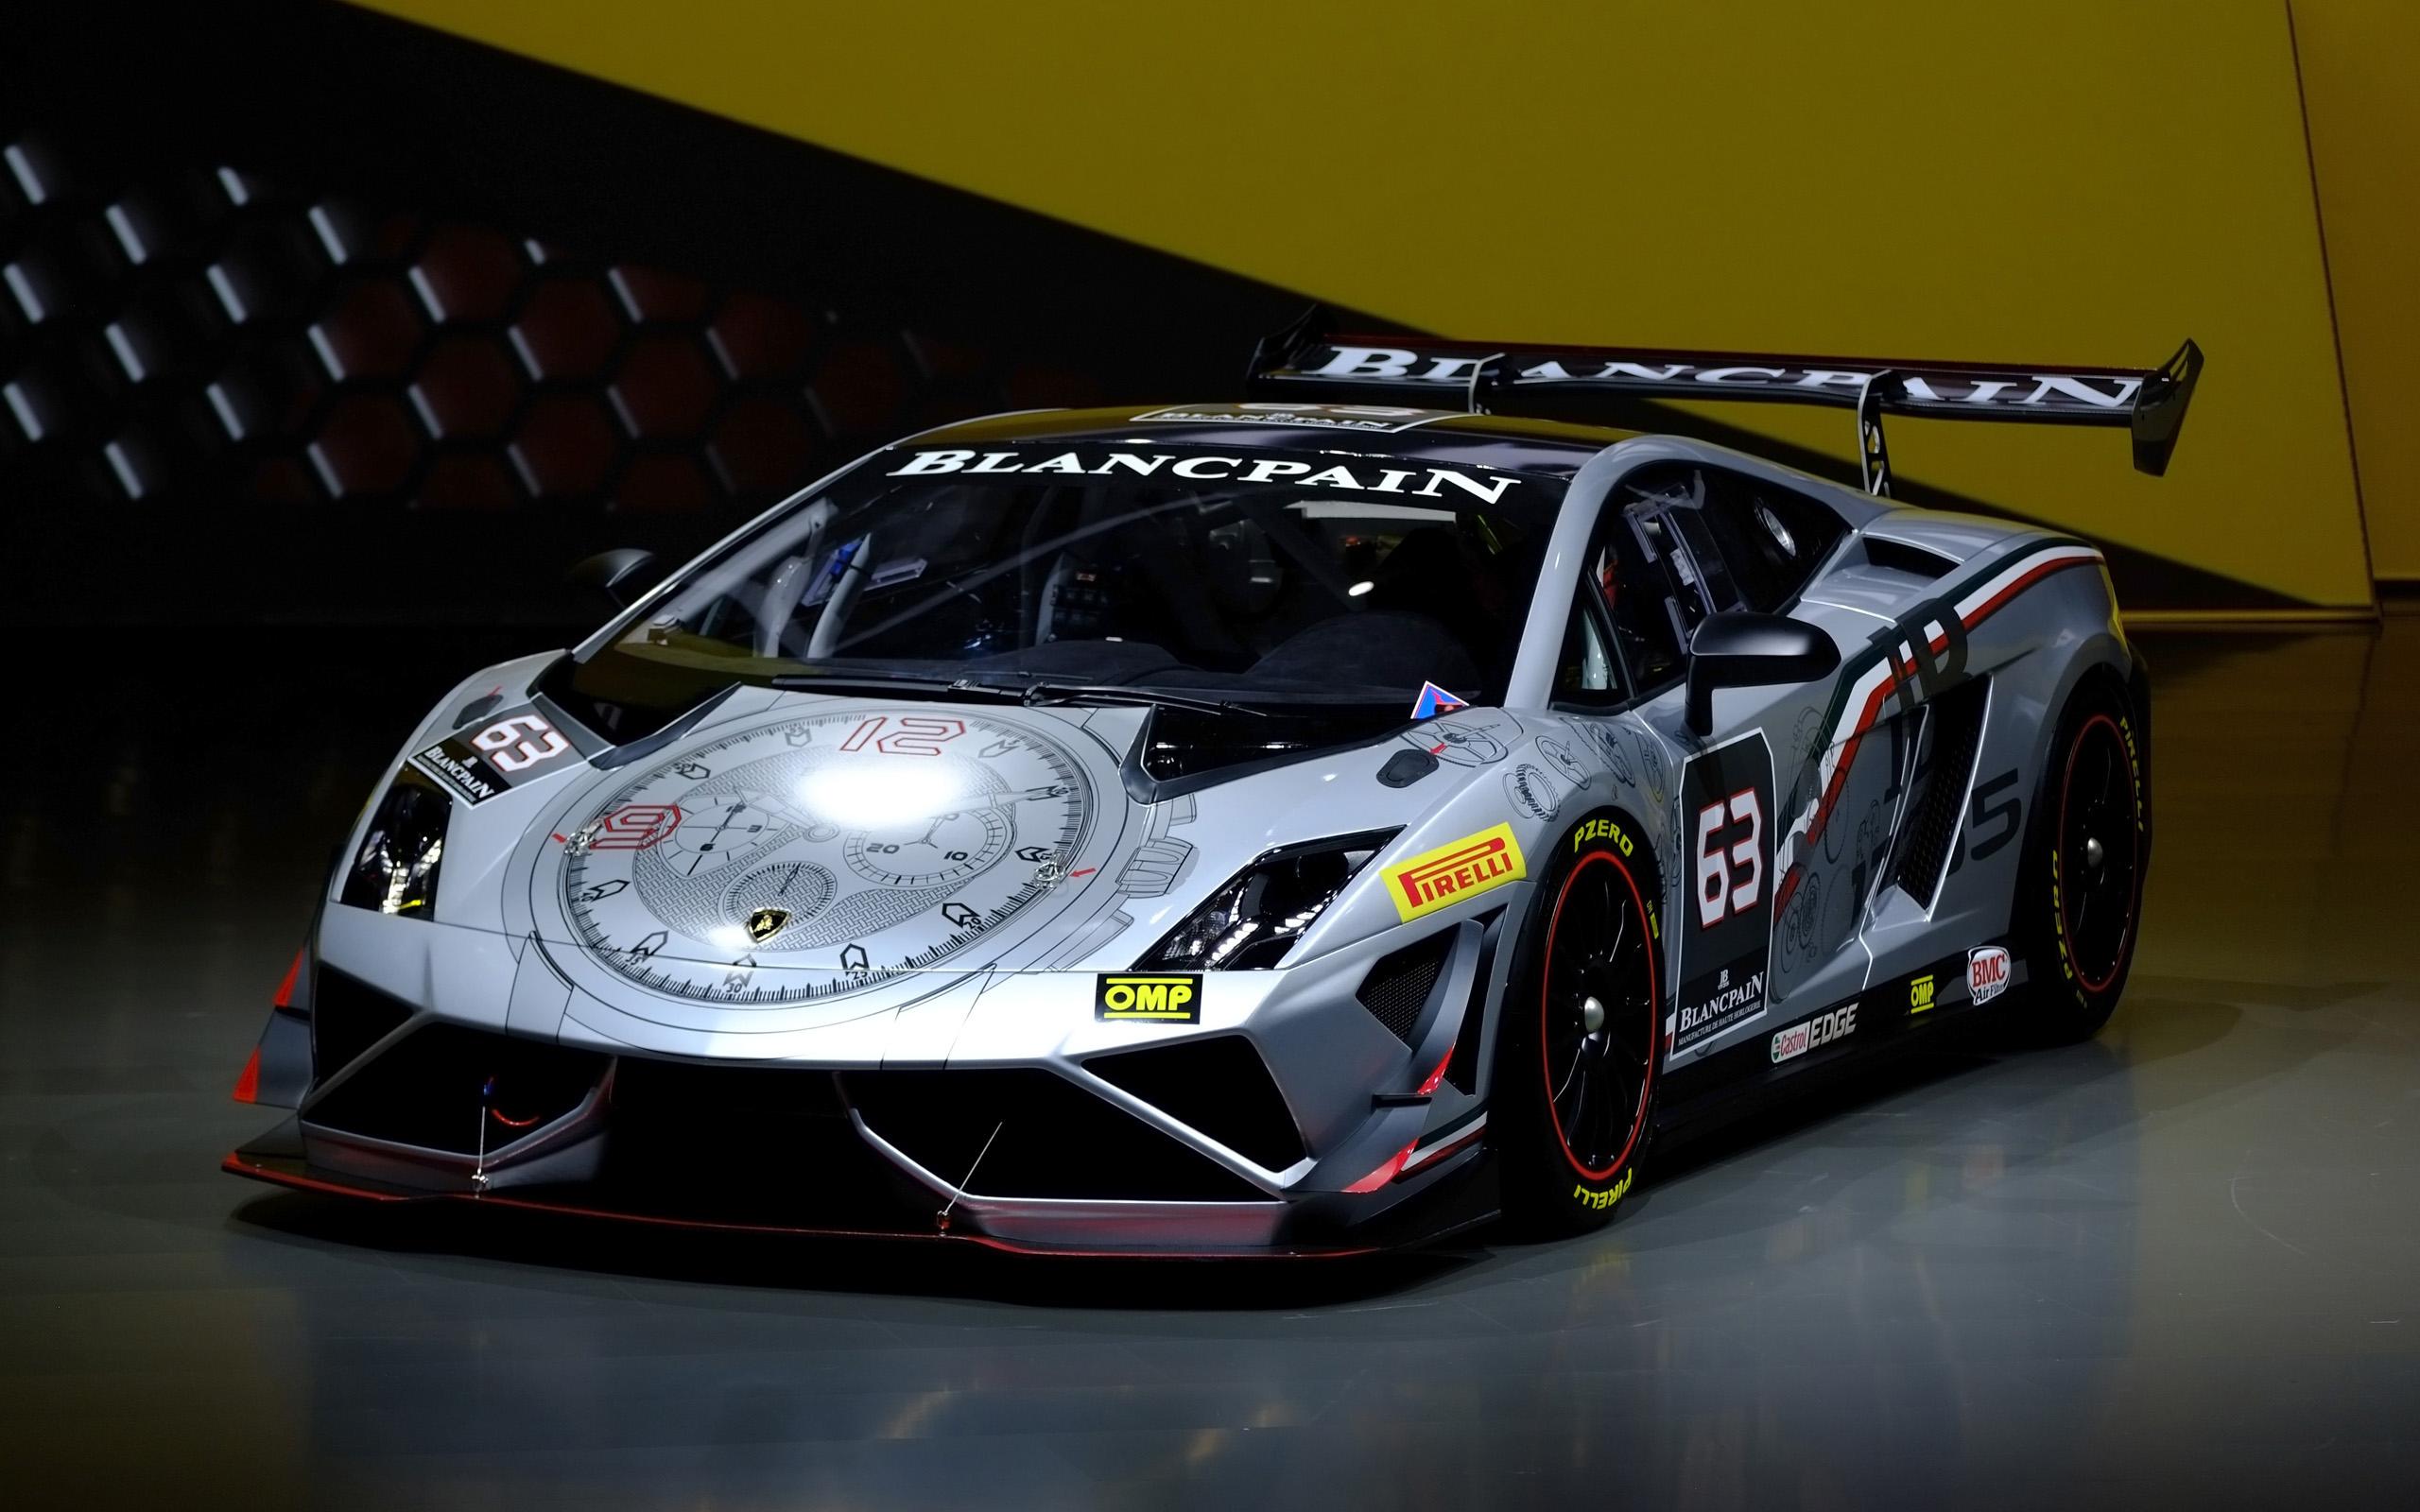 2013 Lamborghini Blancpain Super Trofeo IAA Frankfurt ...